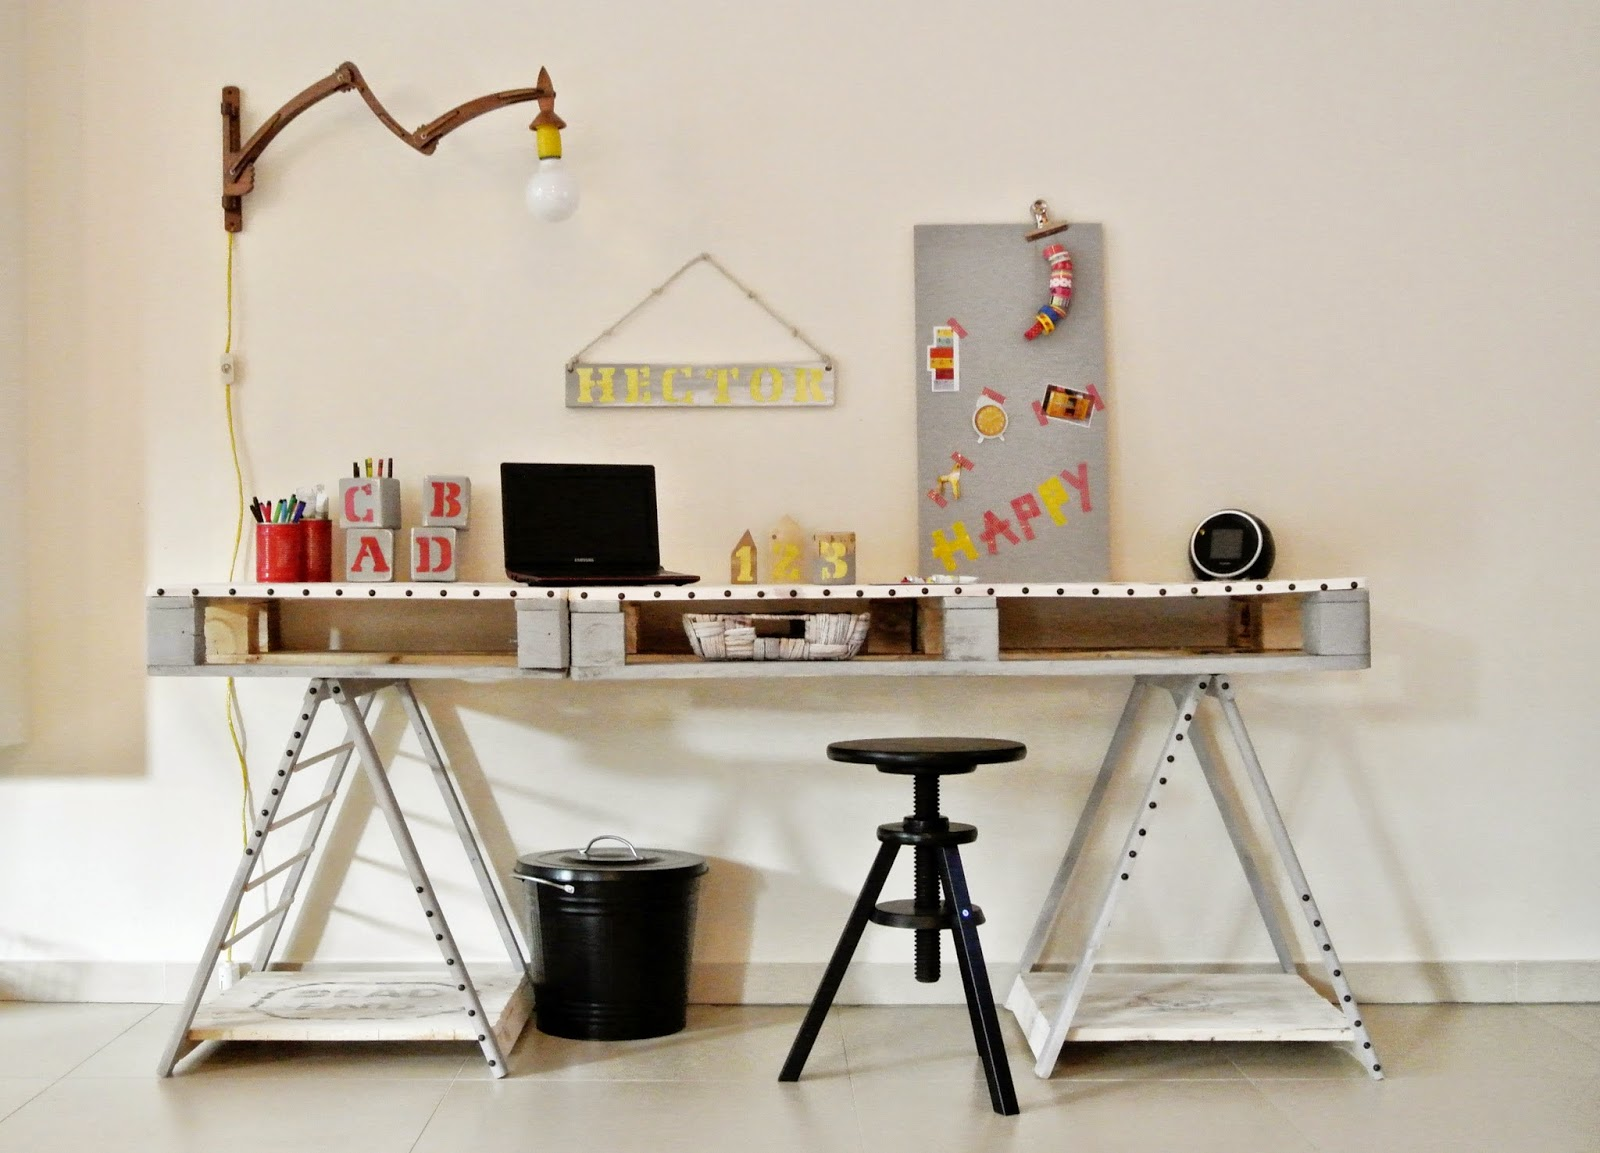 biurko z palet DIY,jak zrobić biurko z palet,meble z palet,blog DIY,ponowne wykorzystanie palet,młodzieżowe biurko z palet,transfer na drewnie